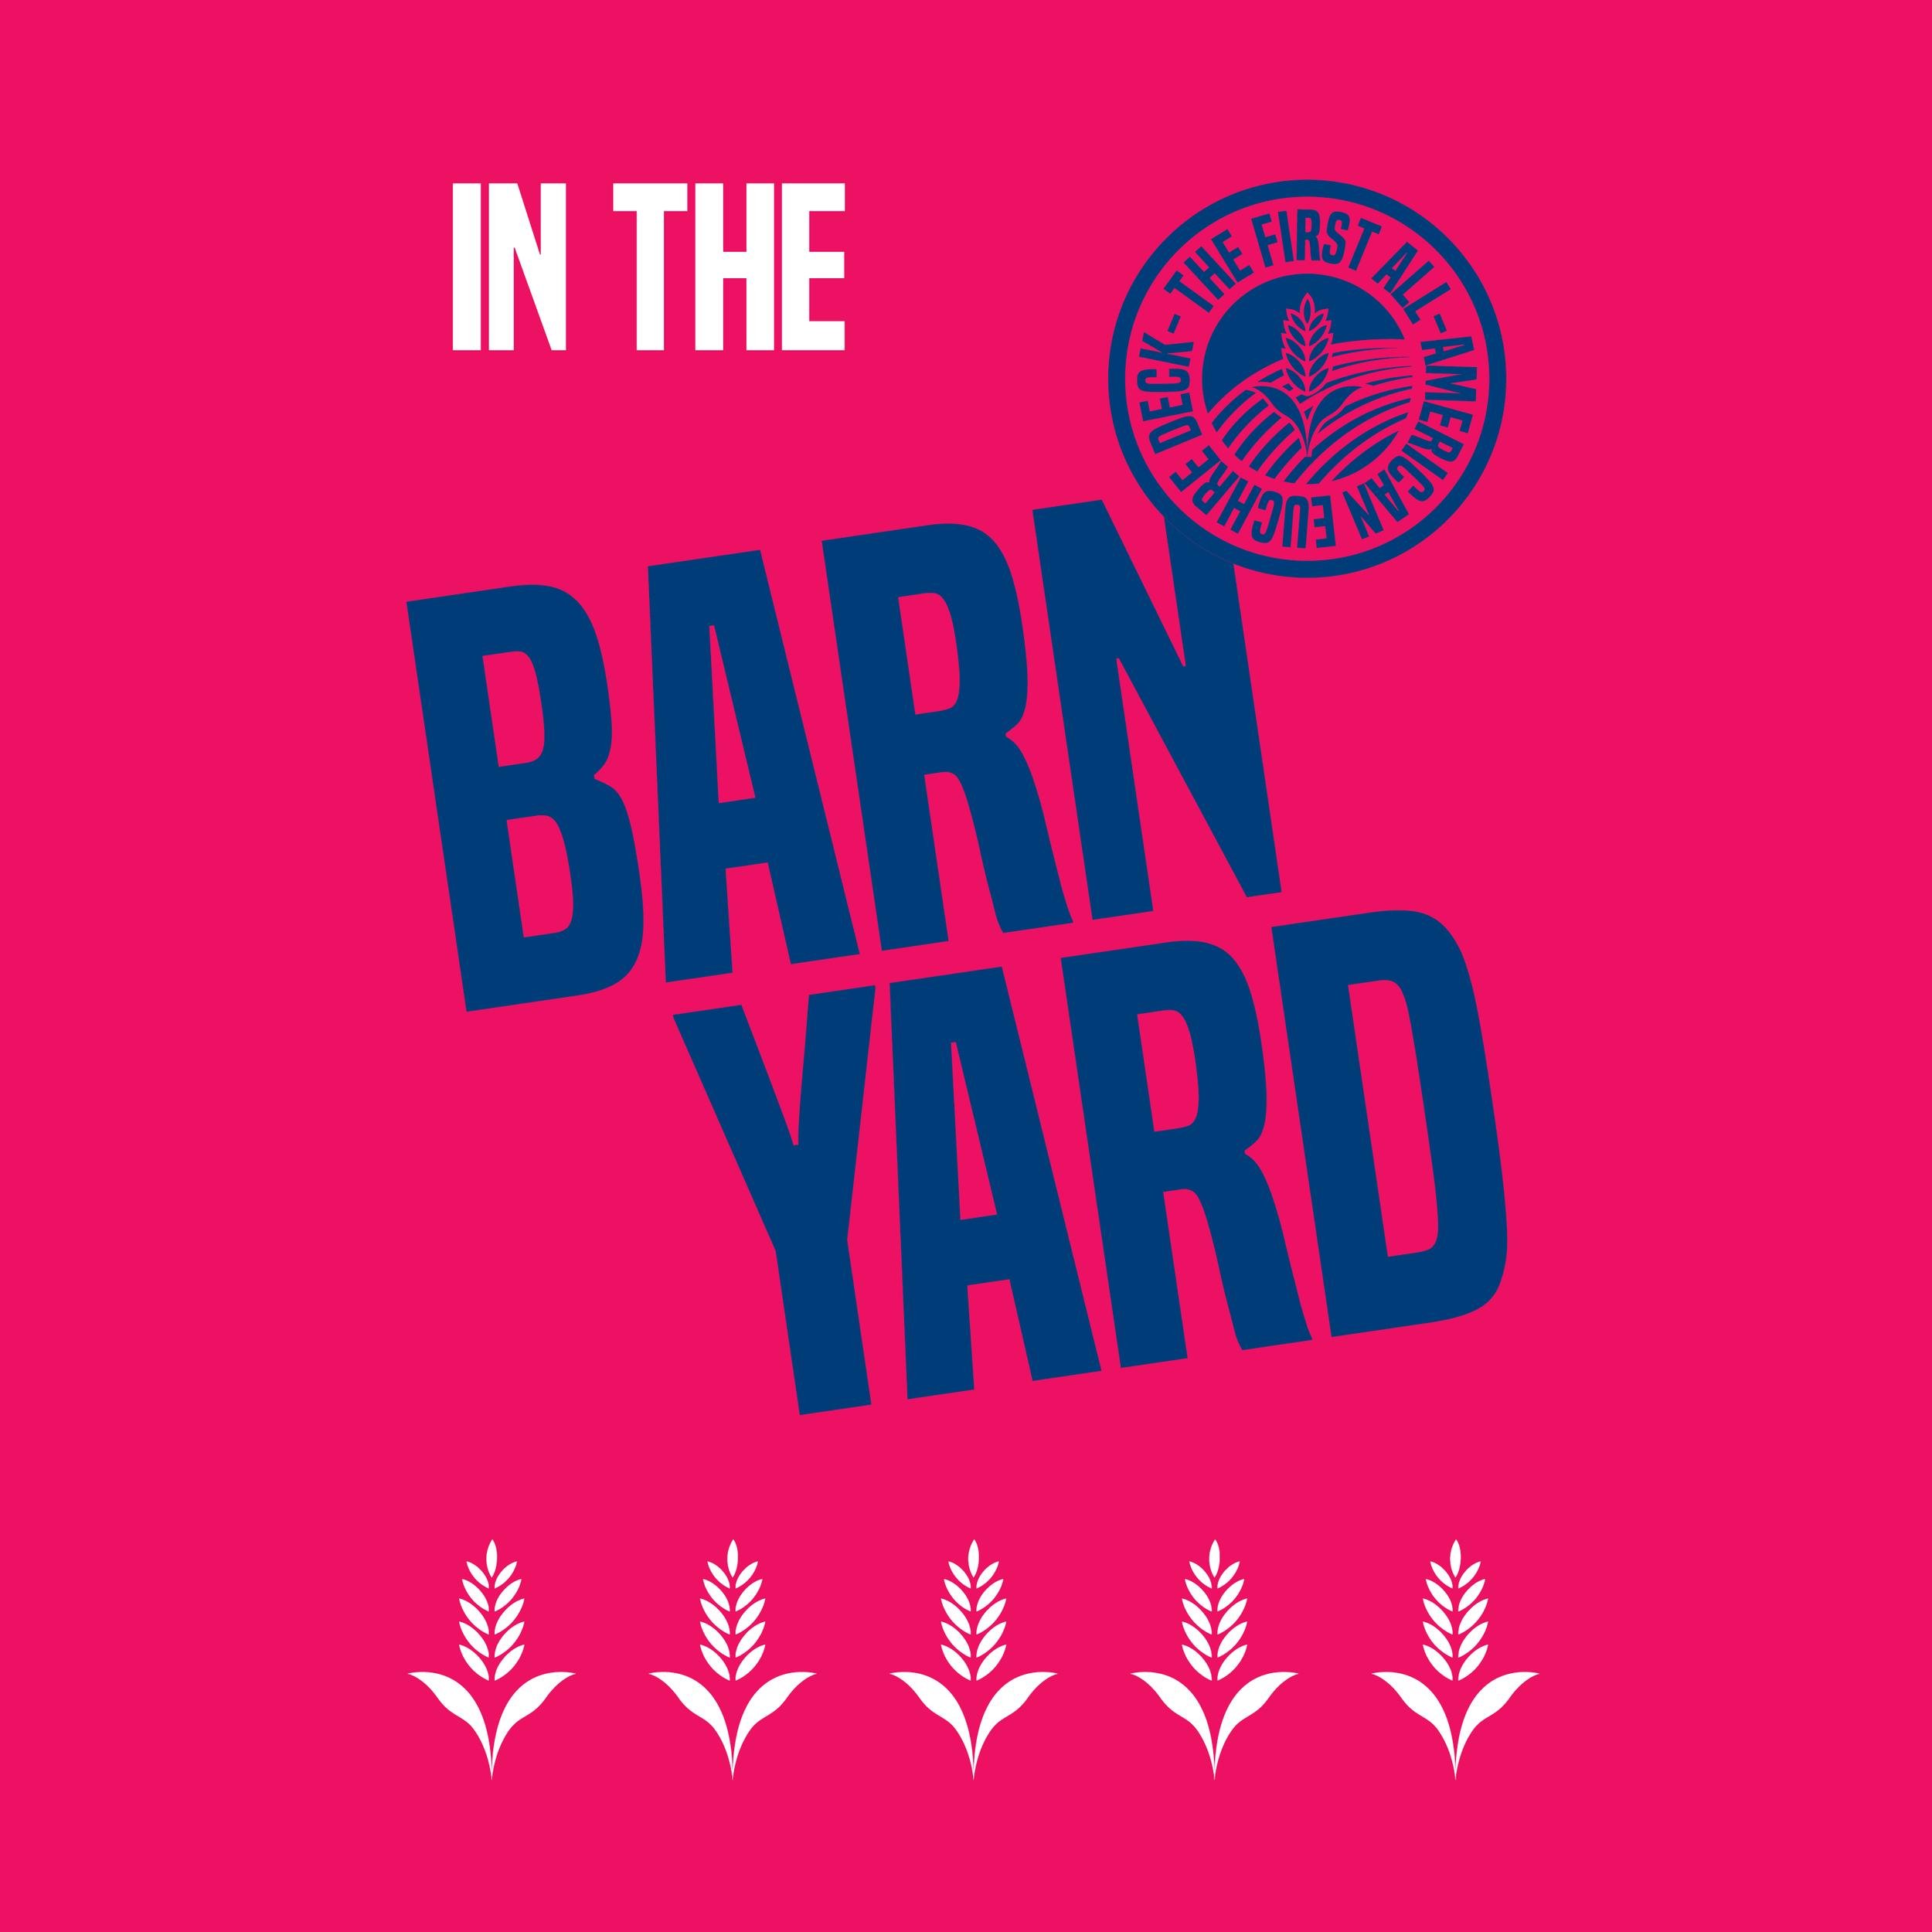 barnyardfill